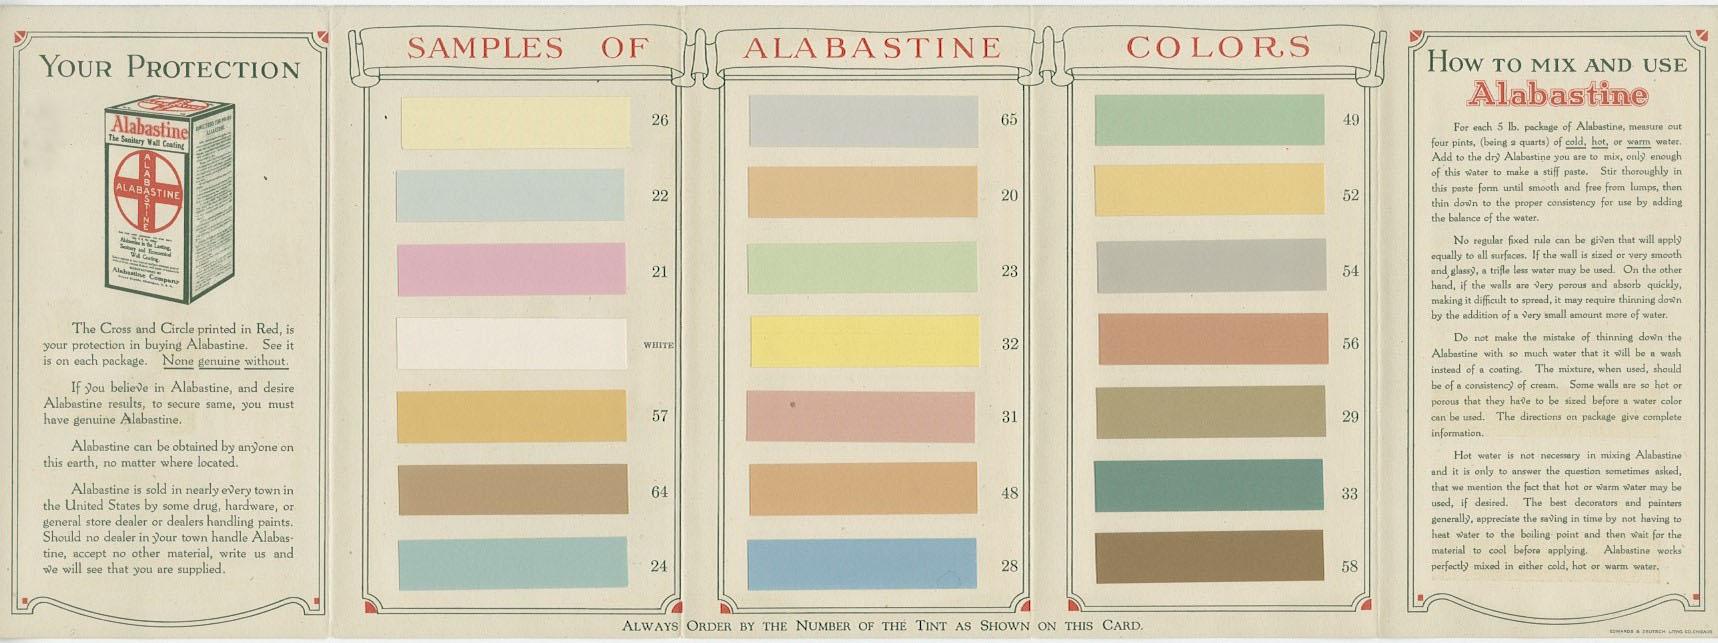 Alabastine color sample brochure, 1925